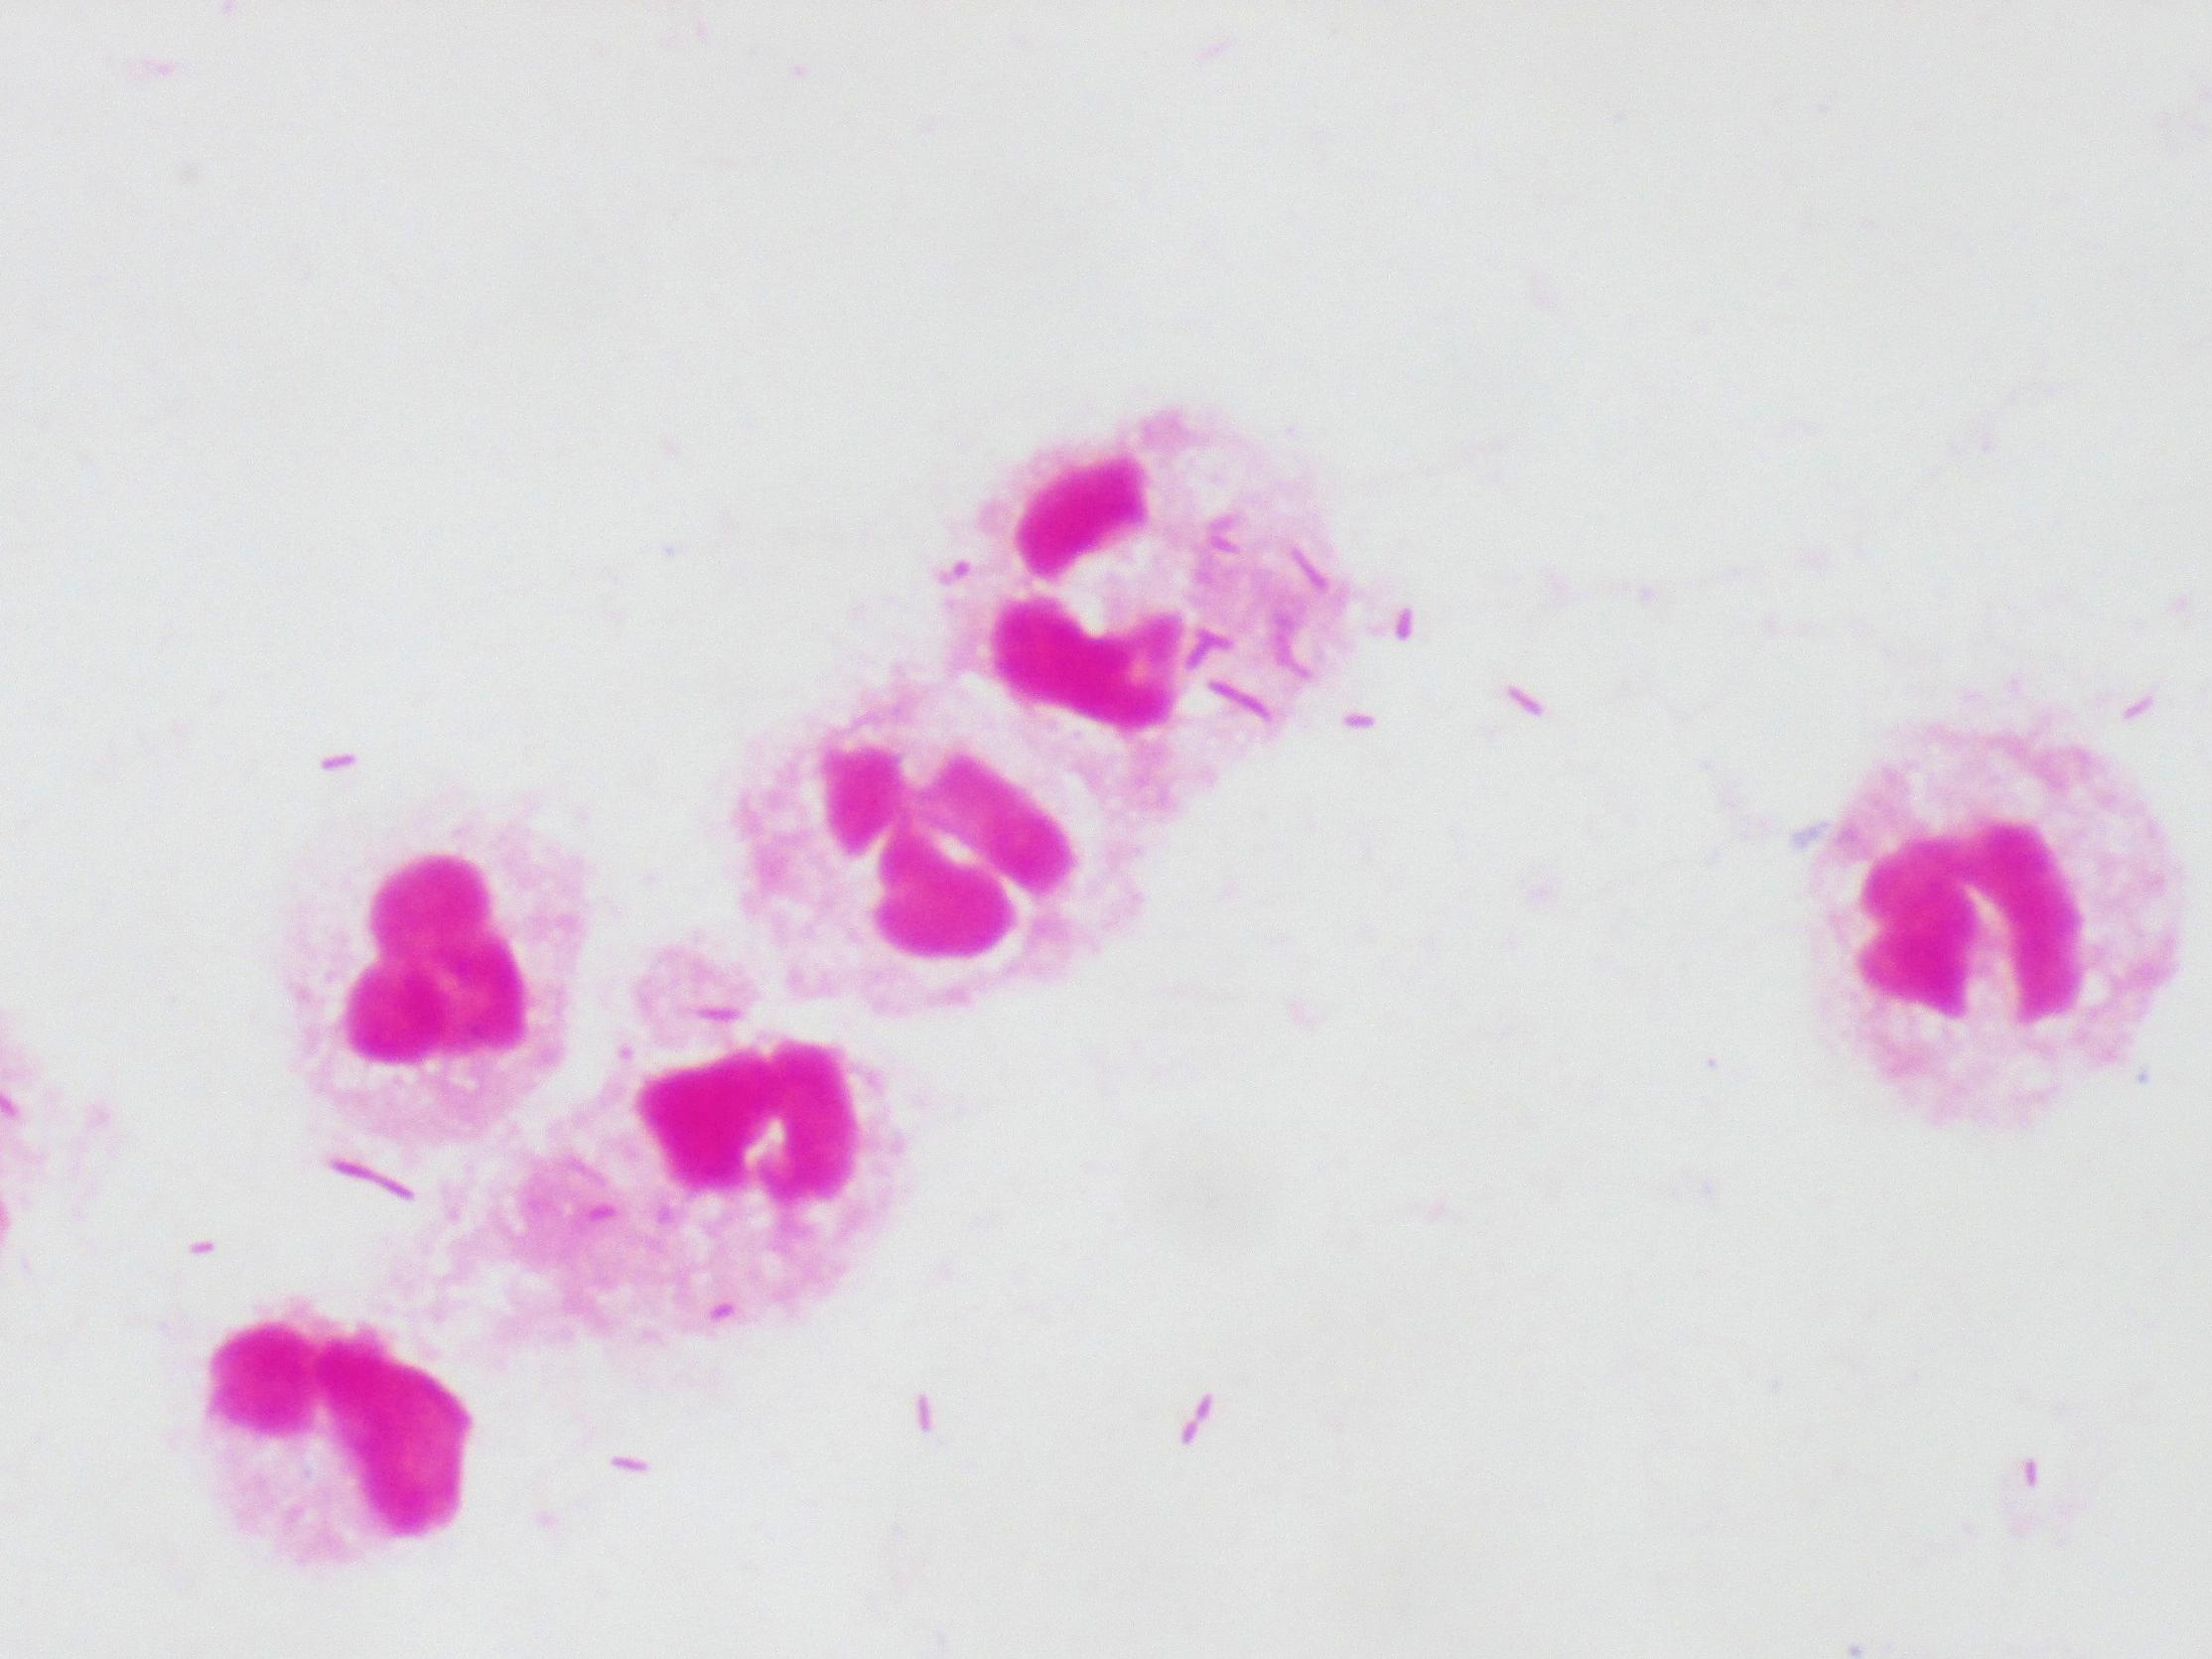 Pseudomonas aeruginosa〔緑膿菌〕